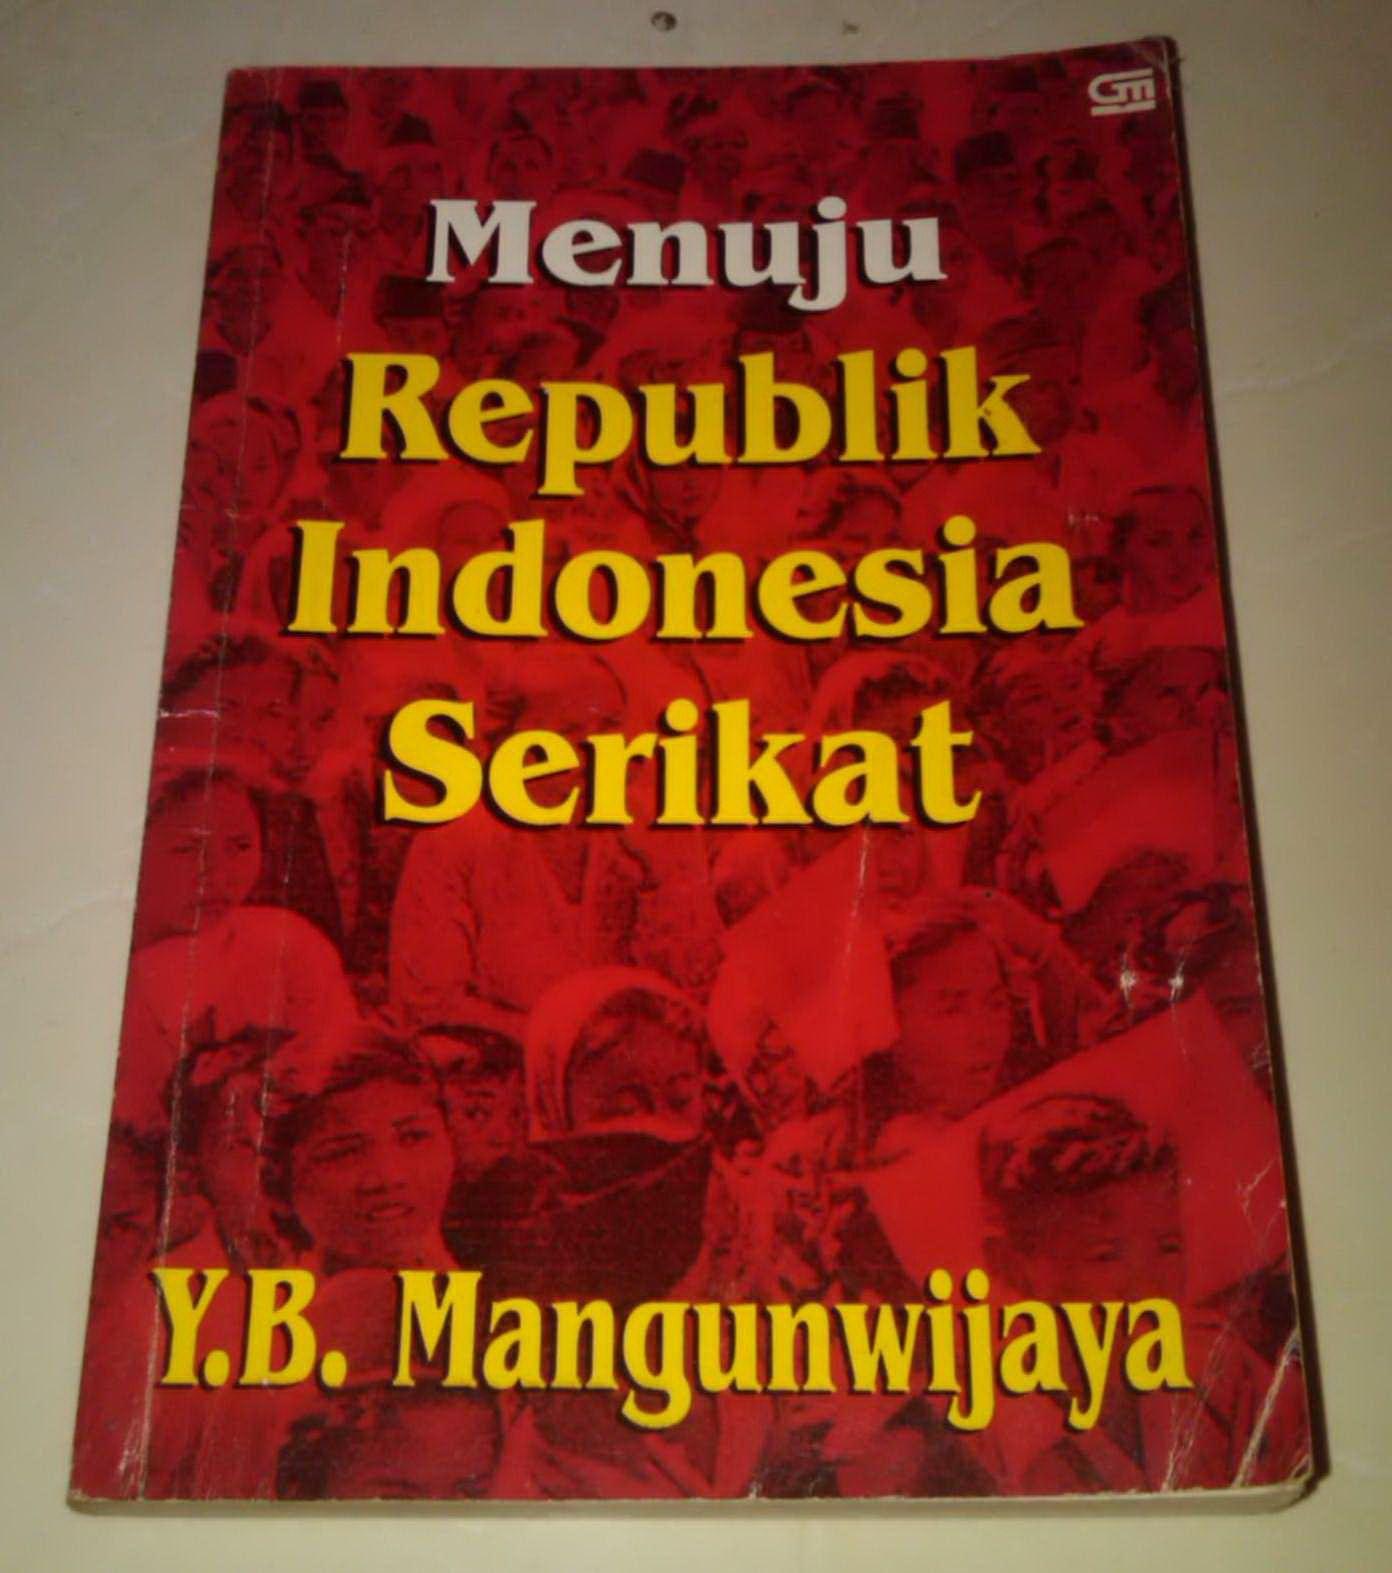 Menuju republik indonesia serikat Buku, Indonesia